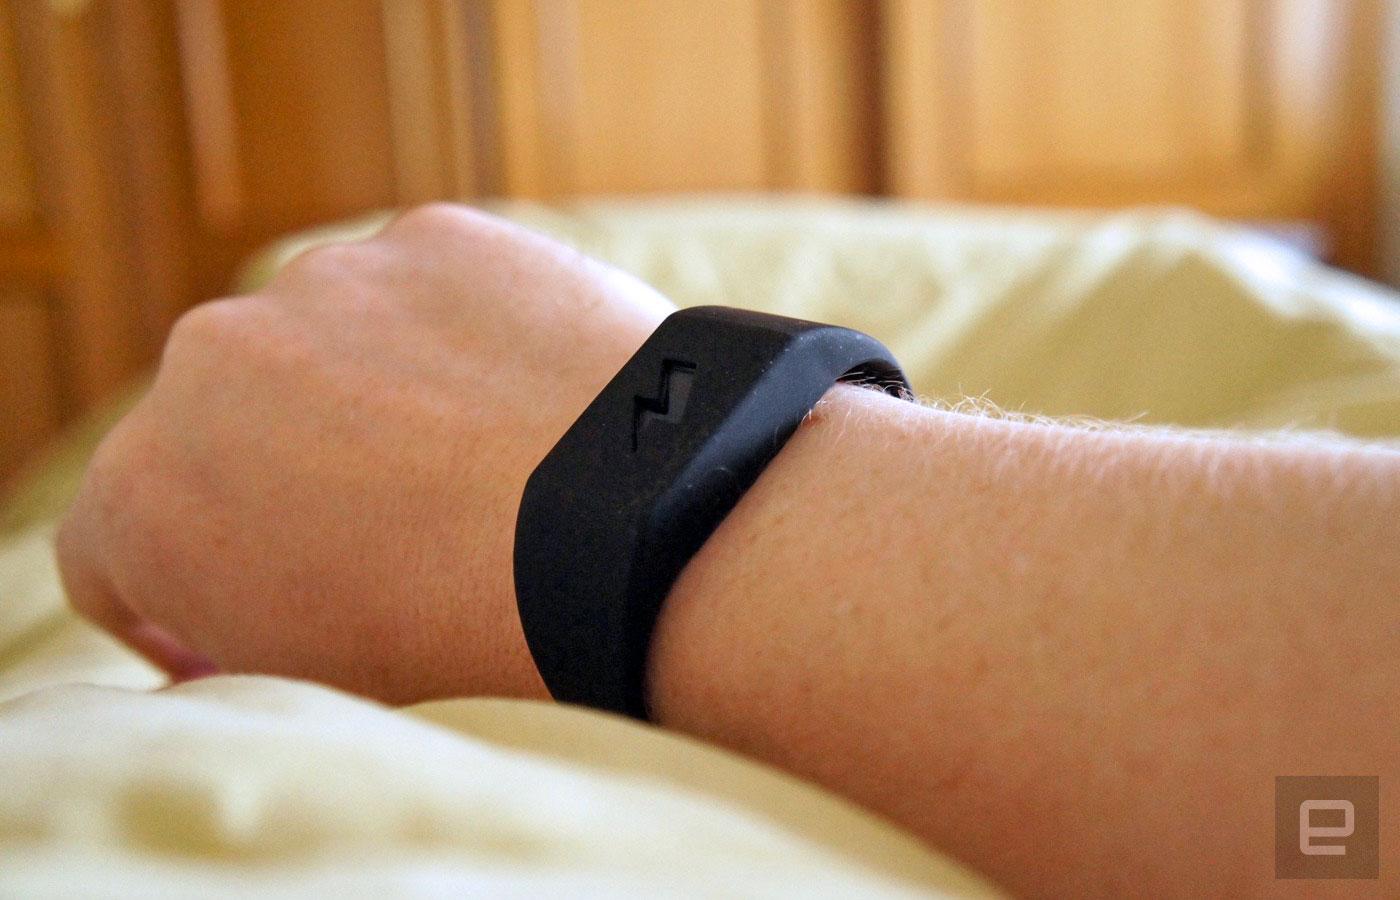 Часы Shock Clock: разряд электричества и страх — залог успеха пробуждения - 1